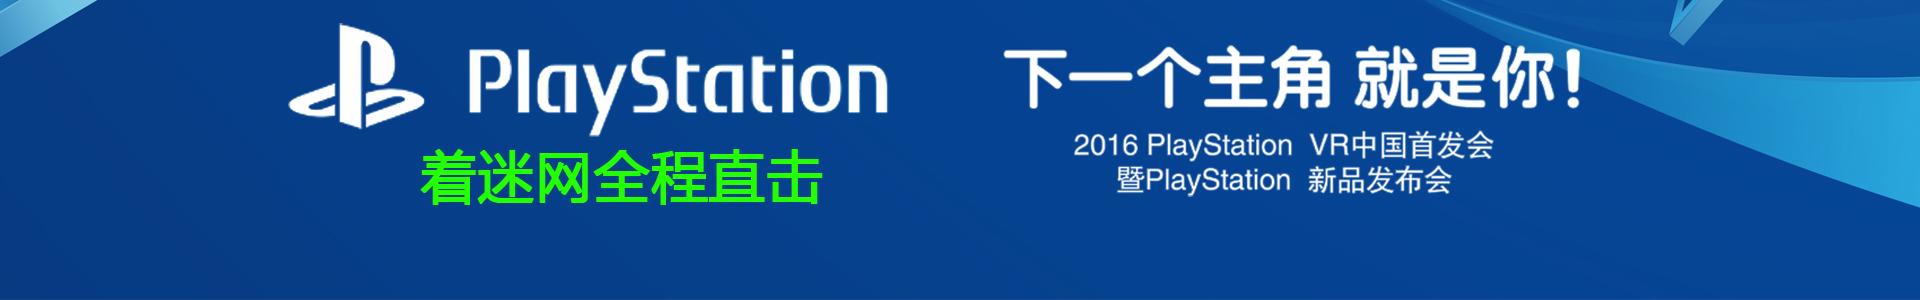 PlayStation®VR中国首发会-着迷网直播